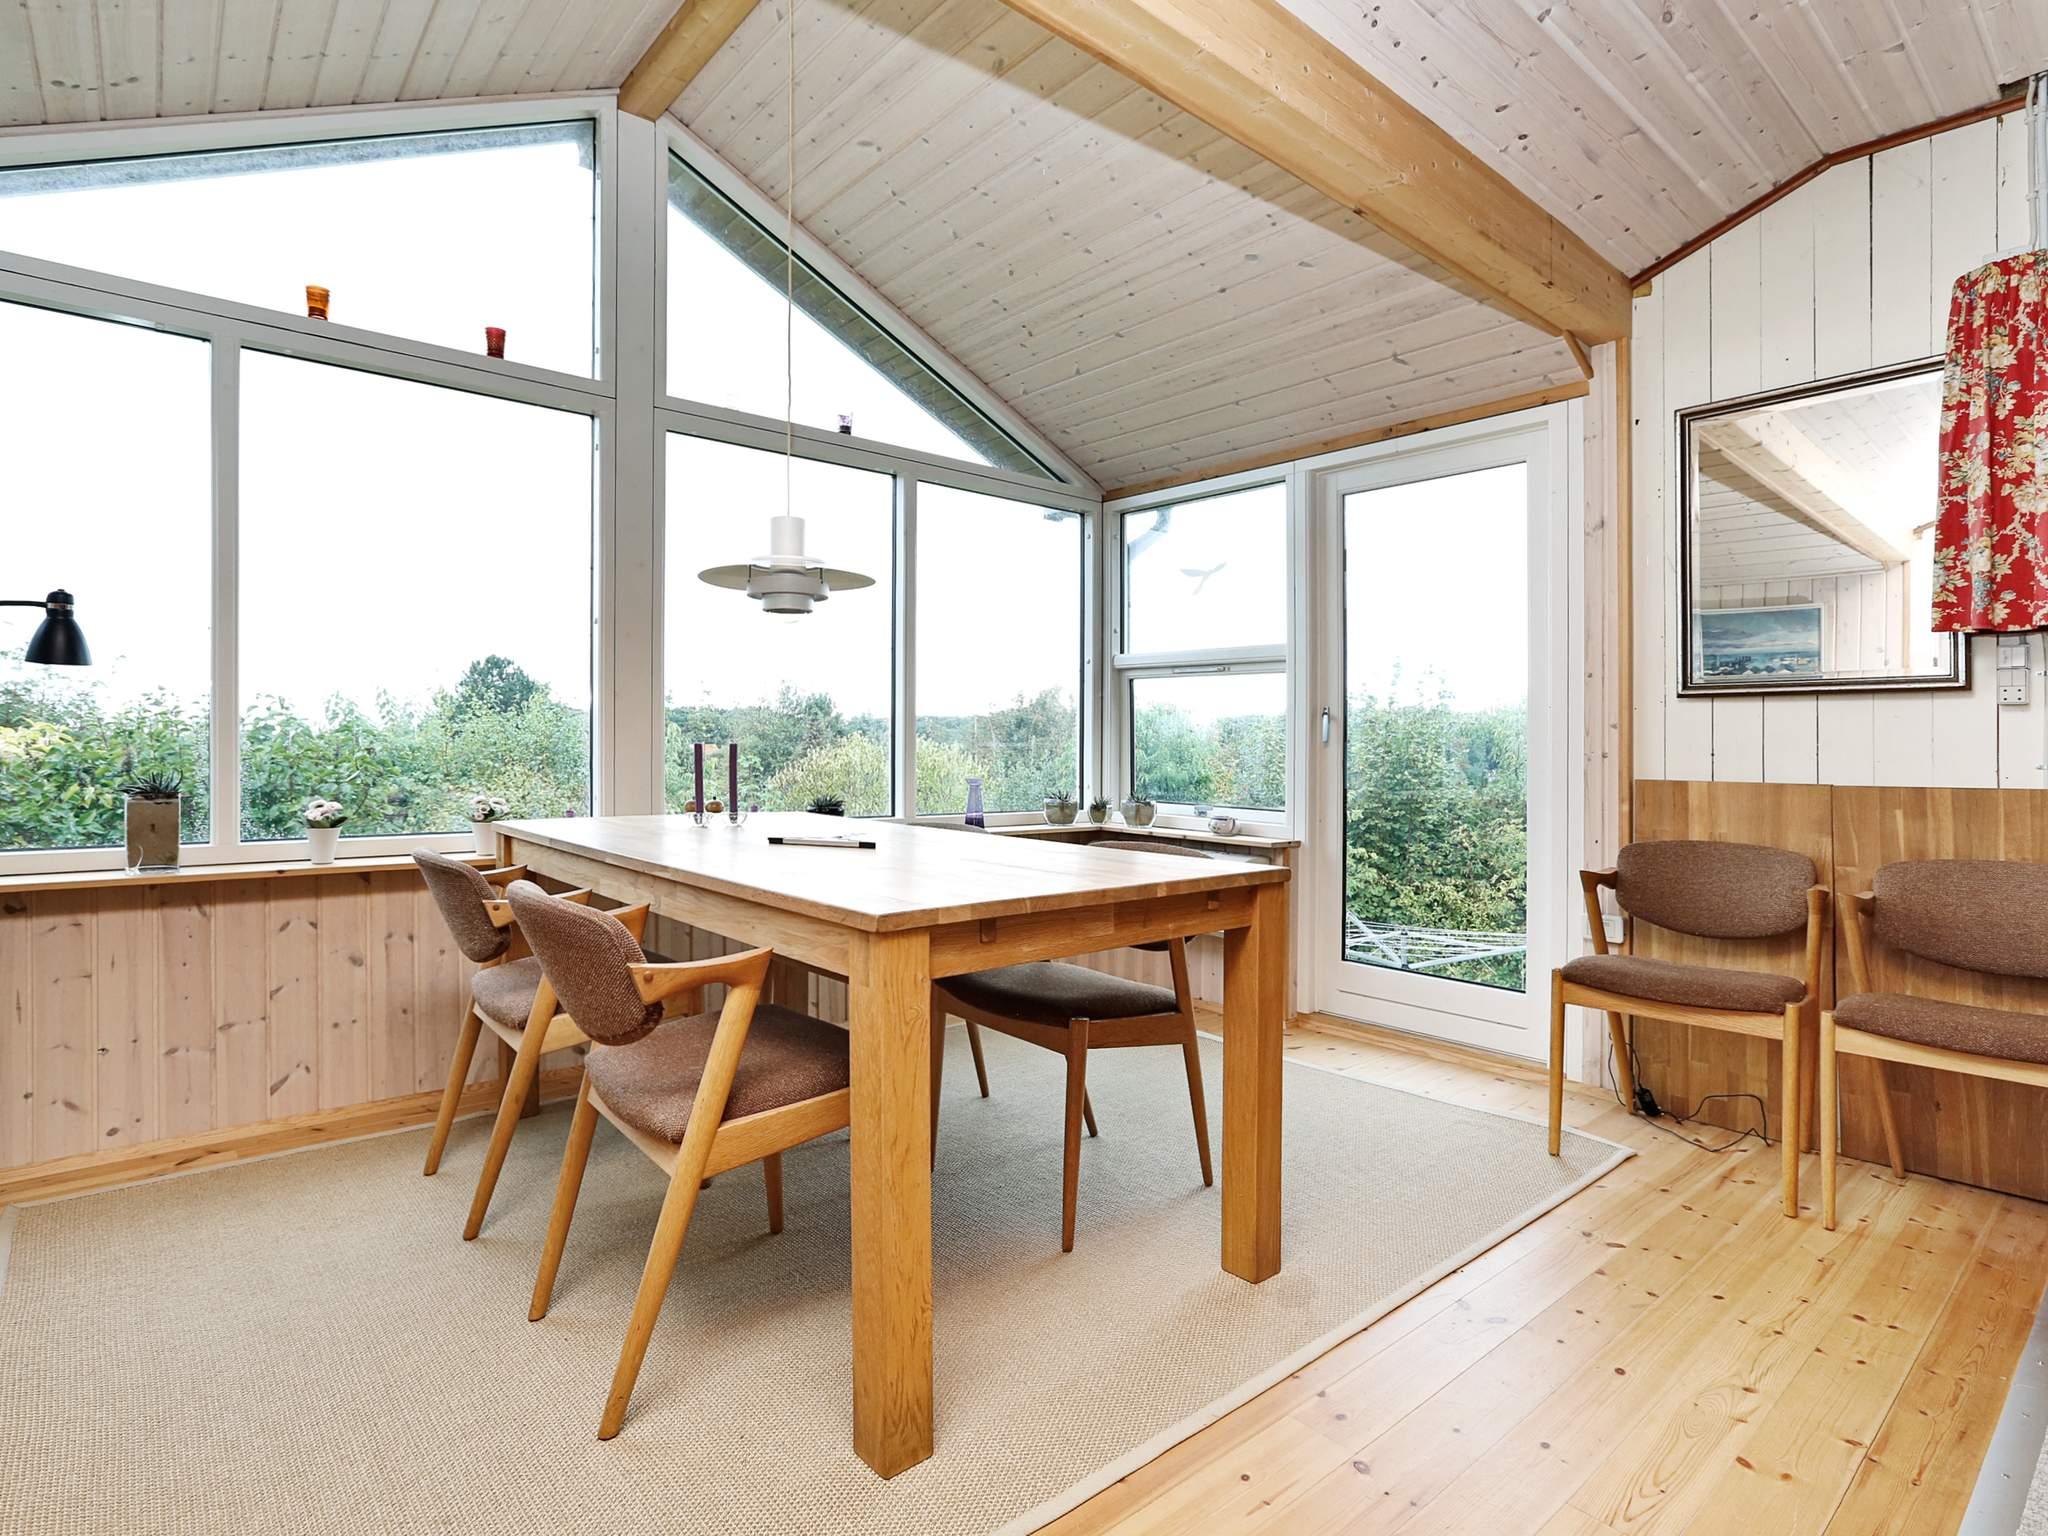 Ferienhaus Rågeleje (921041), Rågeleje, , Nordseeland, Dänemark, Bild 8